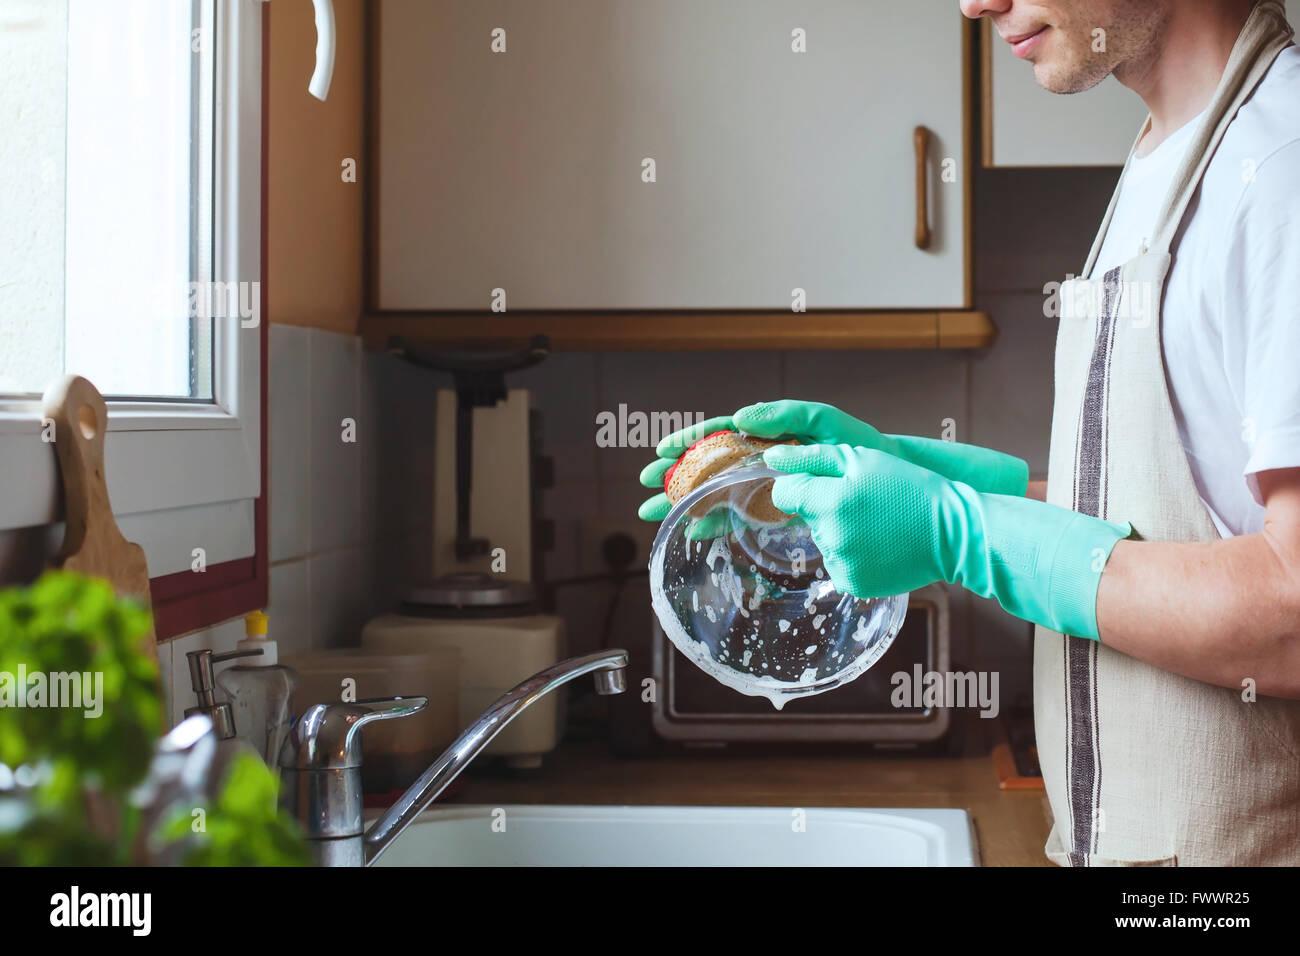 L'uomo lavaggio piatti nel lavello da cucina a casa, close up delle mani con spugna e sapone, lavori di casa Foto Stock